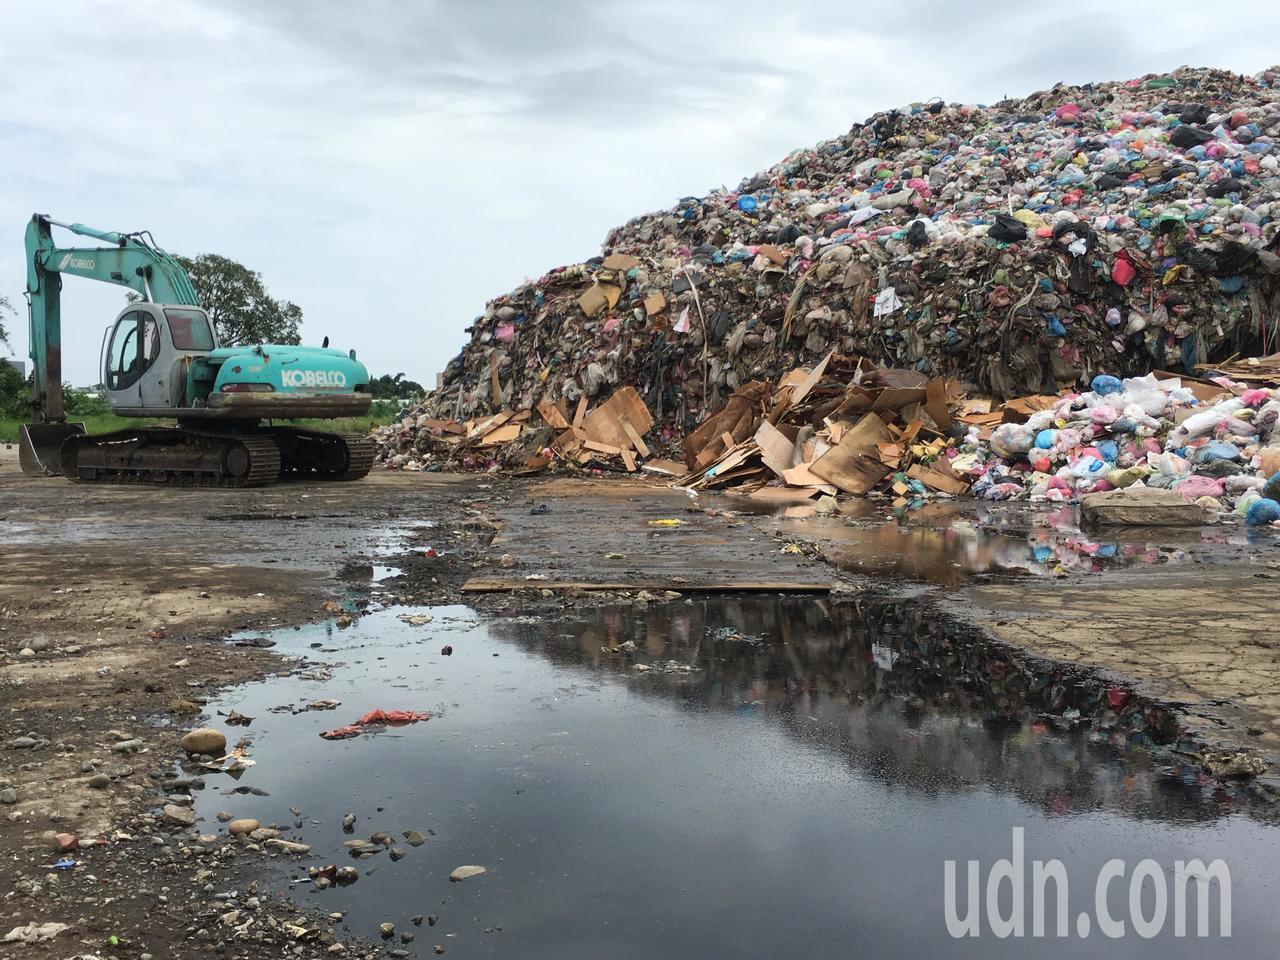 雲林縣斗六市位於虎溪里的轉運站堆置2萬多噸垃圾,近日天氣溼熱,轉運站散發濃烈酸臭...